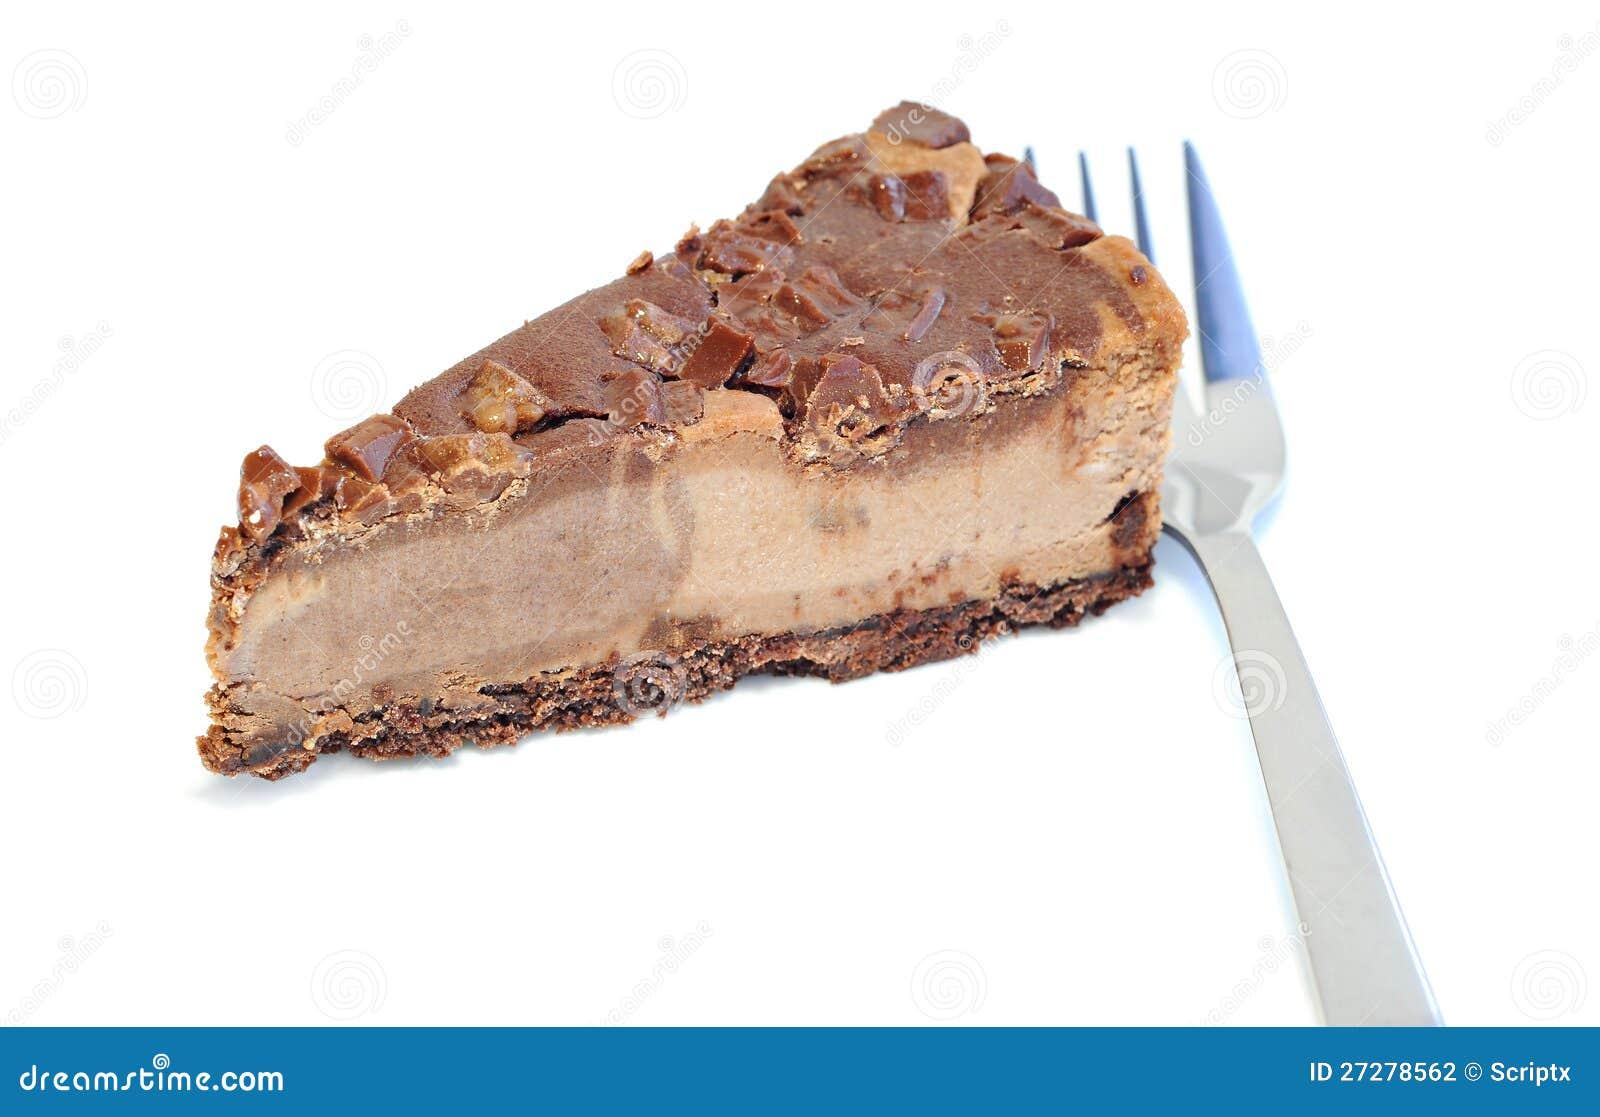 Efterrätt - läcker ostkaka med choklad